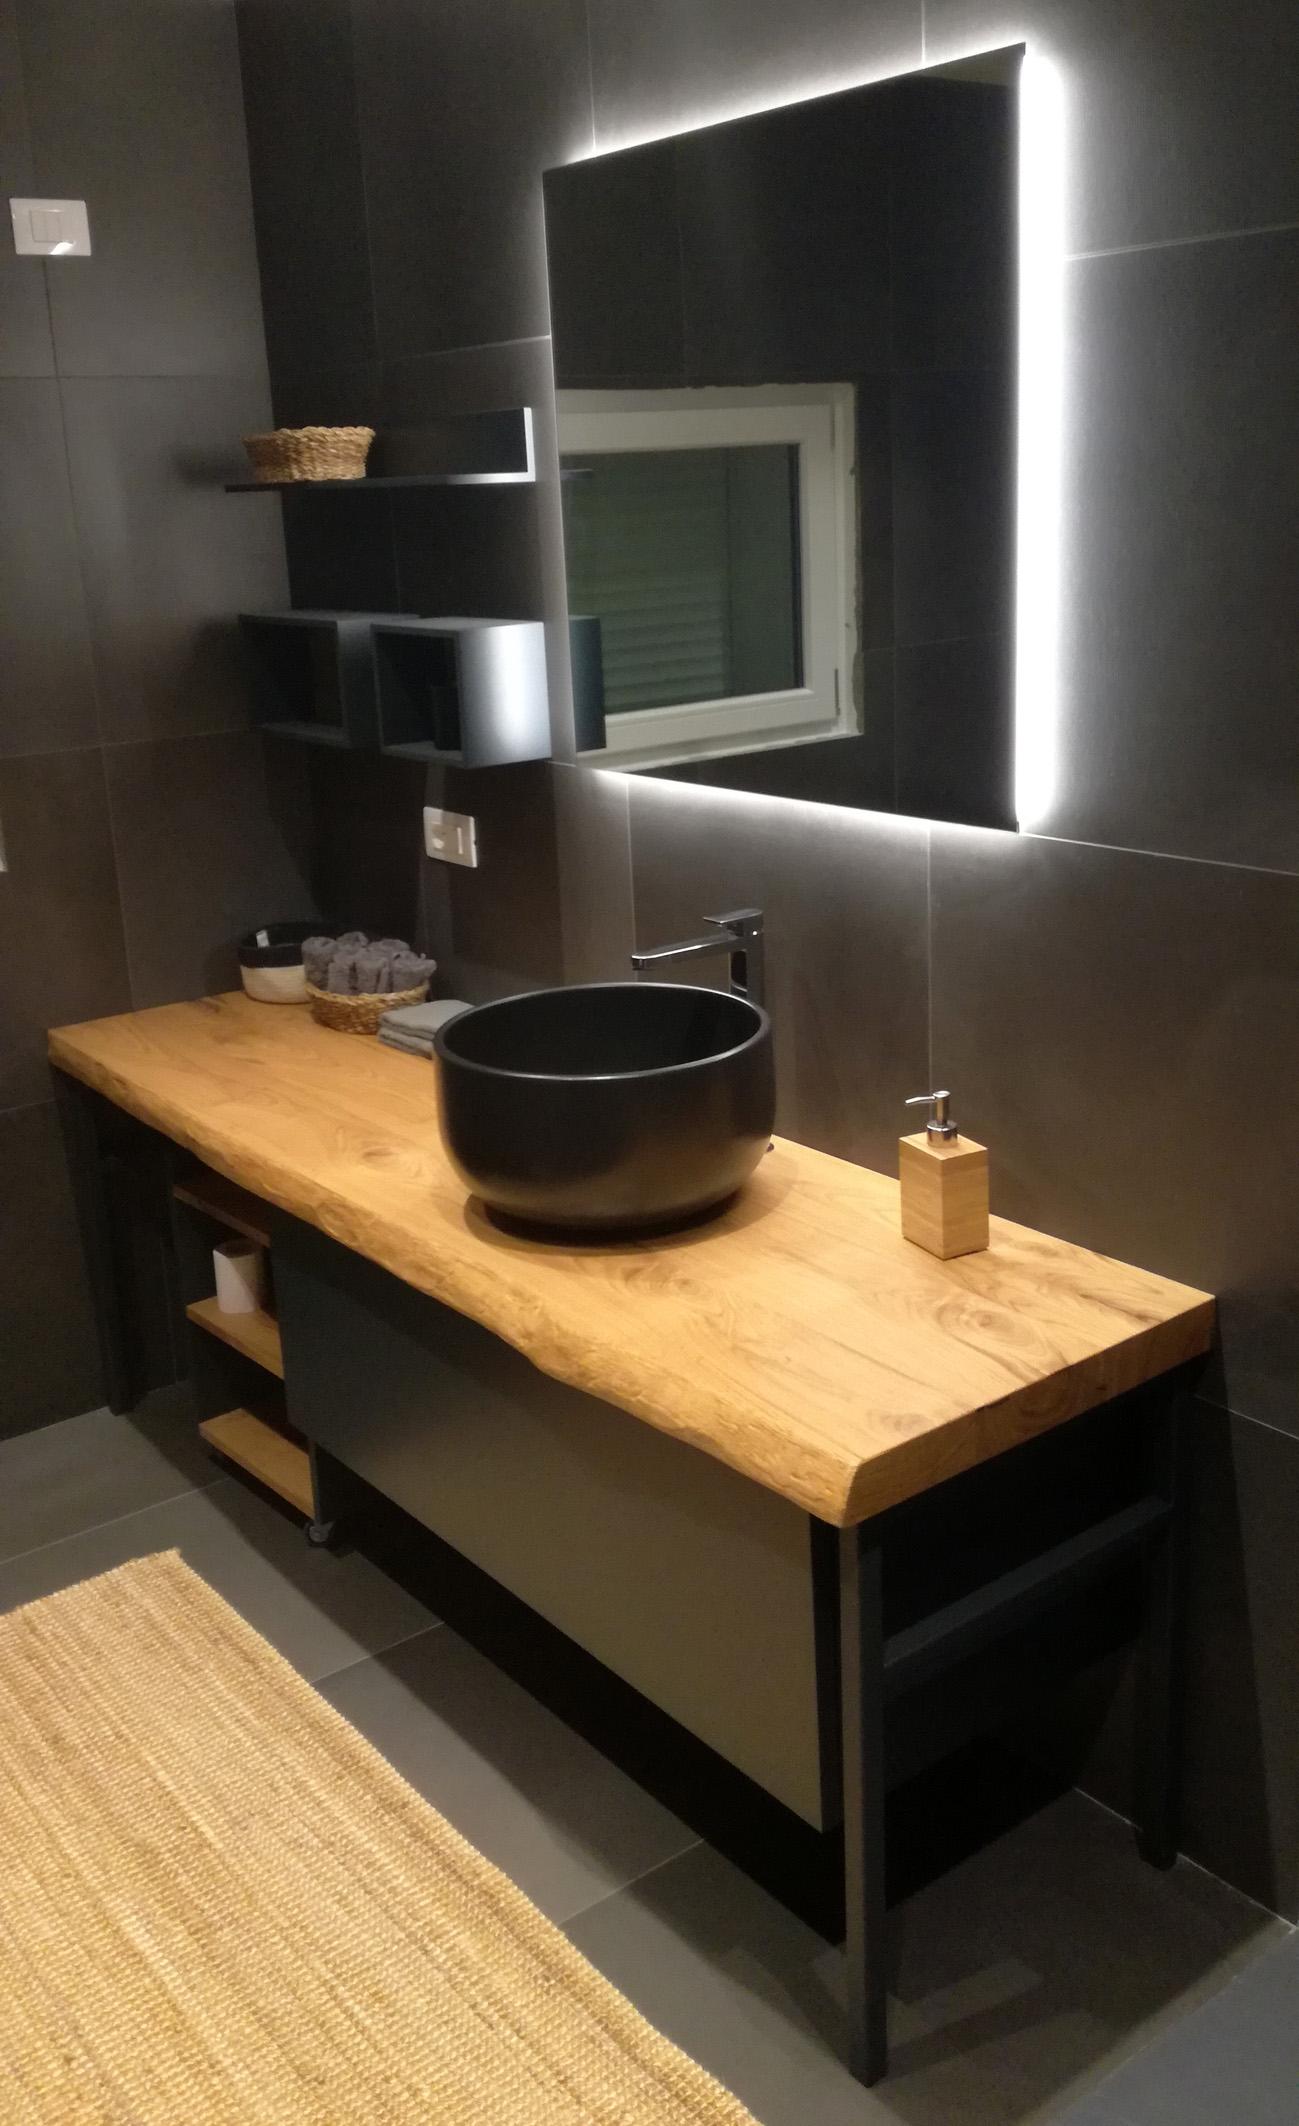 Mobile bagno industrial black con pianale in legno for Cucine di design outlet